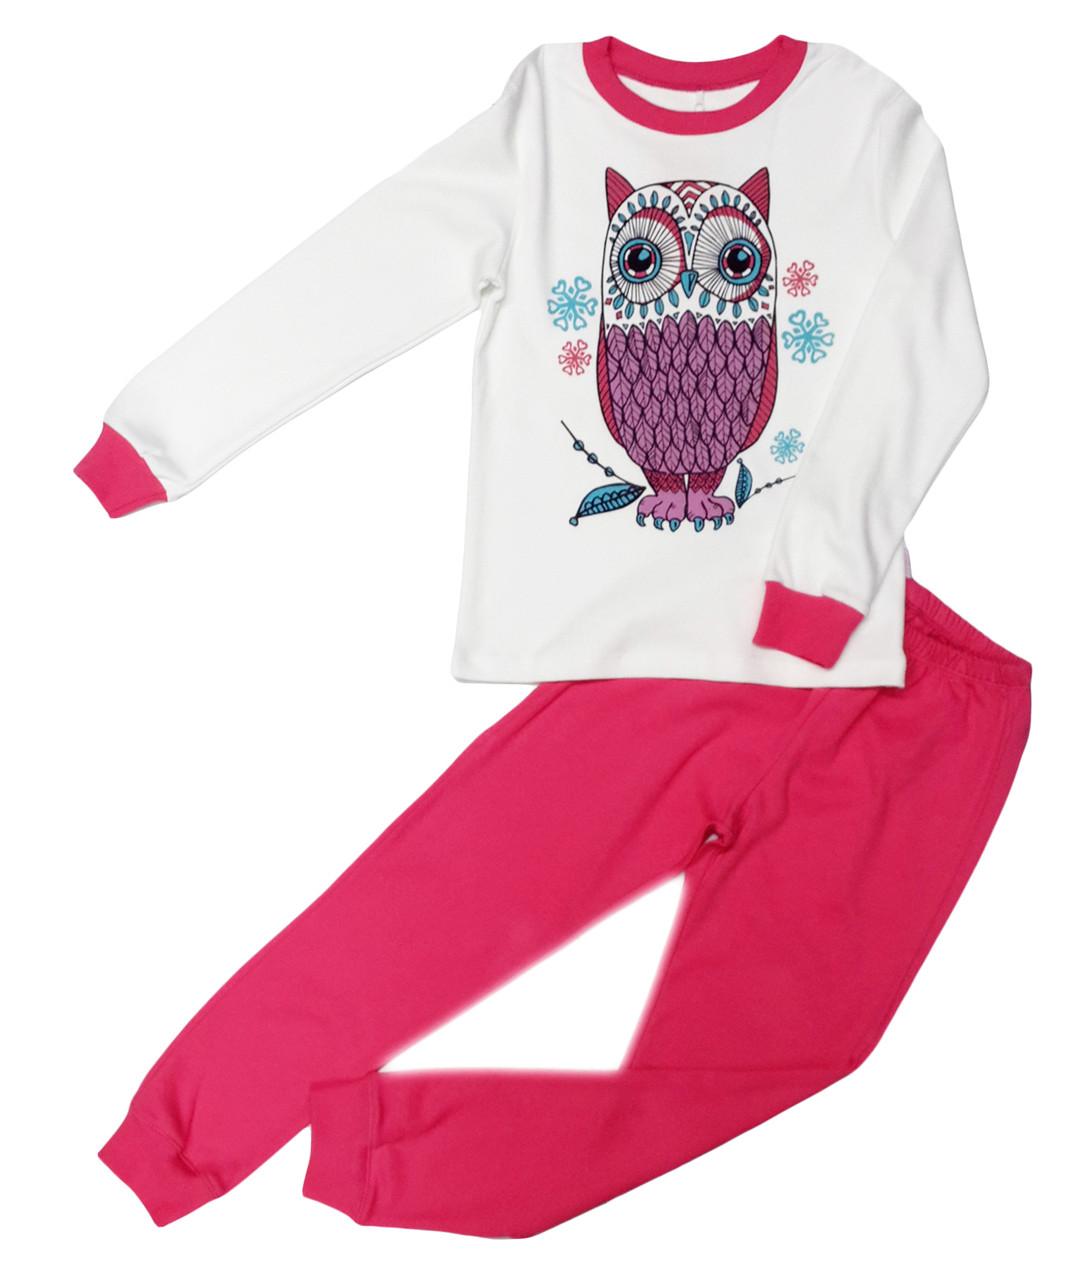 Пижама для девочки ТМ Бемби ПЖ39 розовая размер 134 - Рожевий Слон - детская одежда от 0 до 15 лет в Киеве